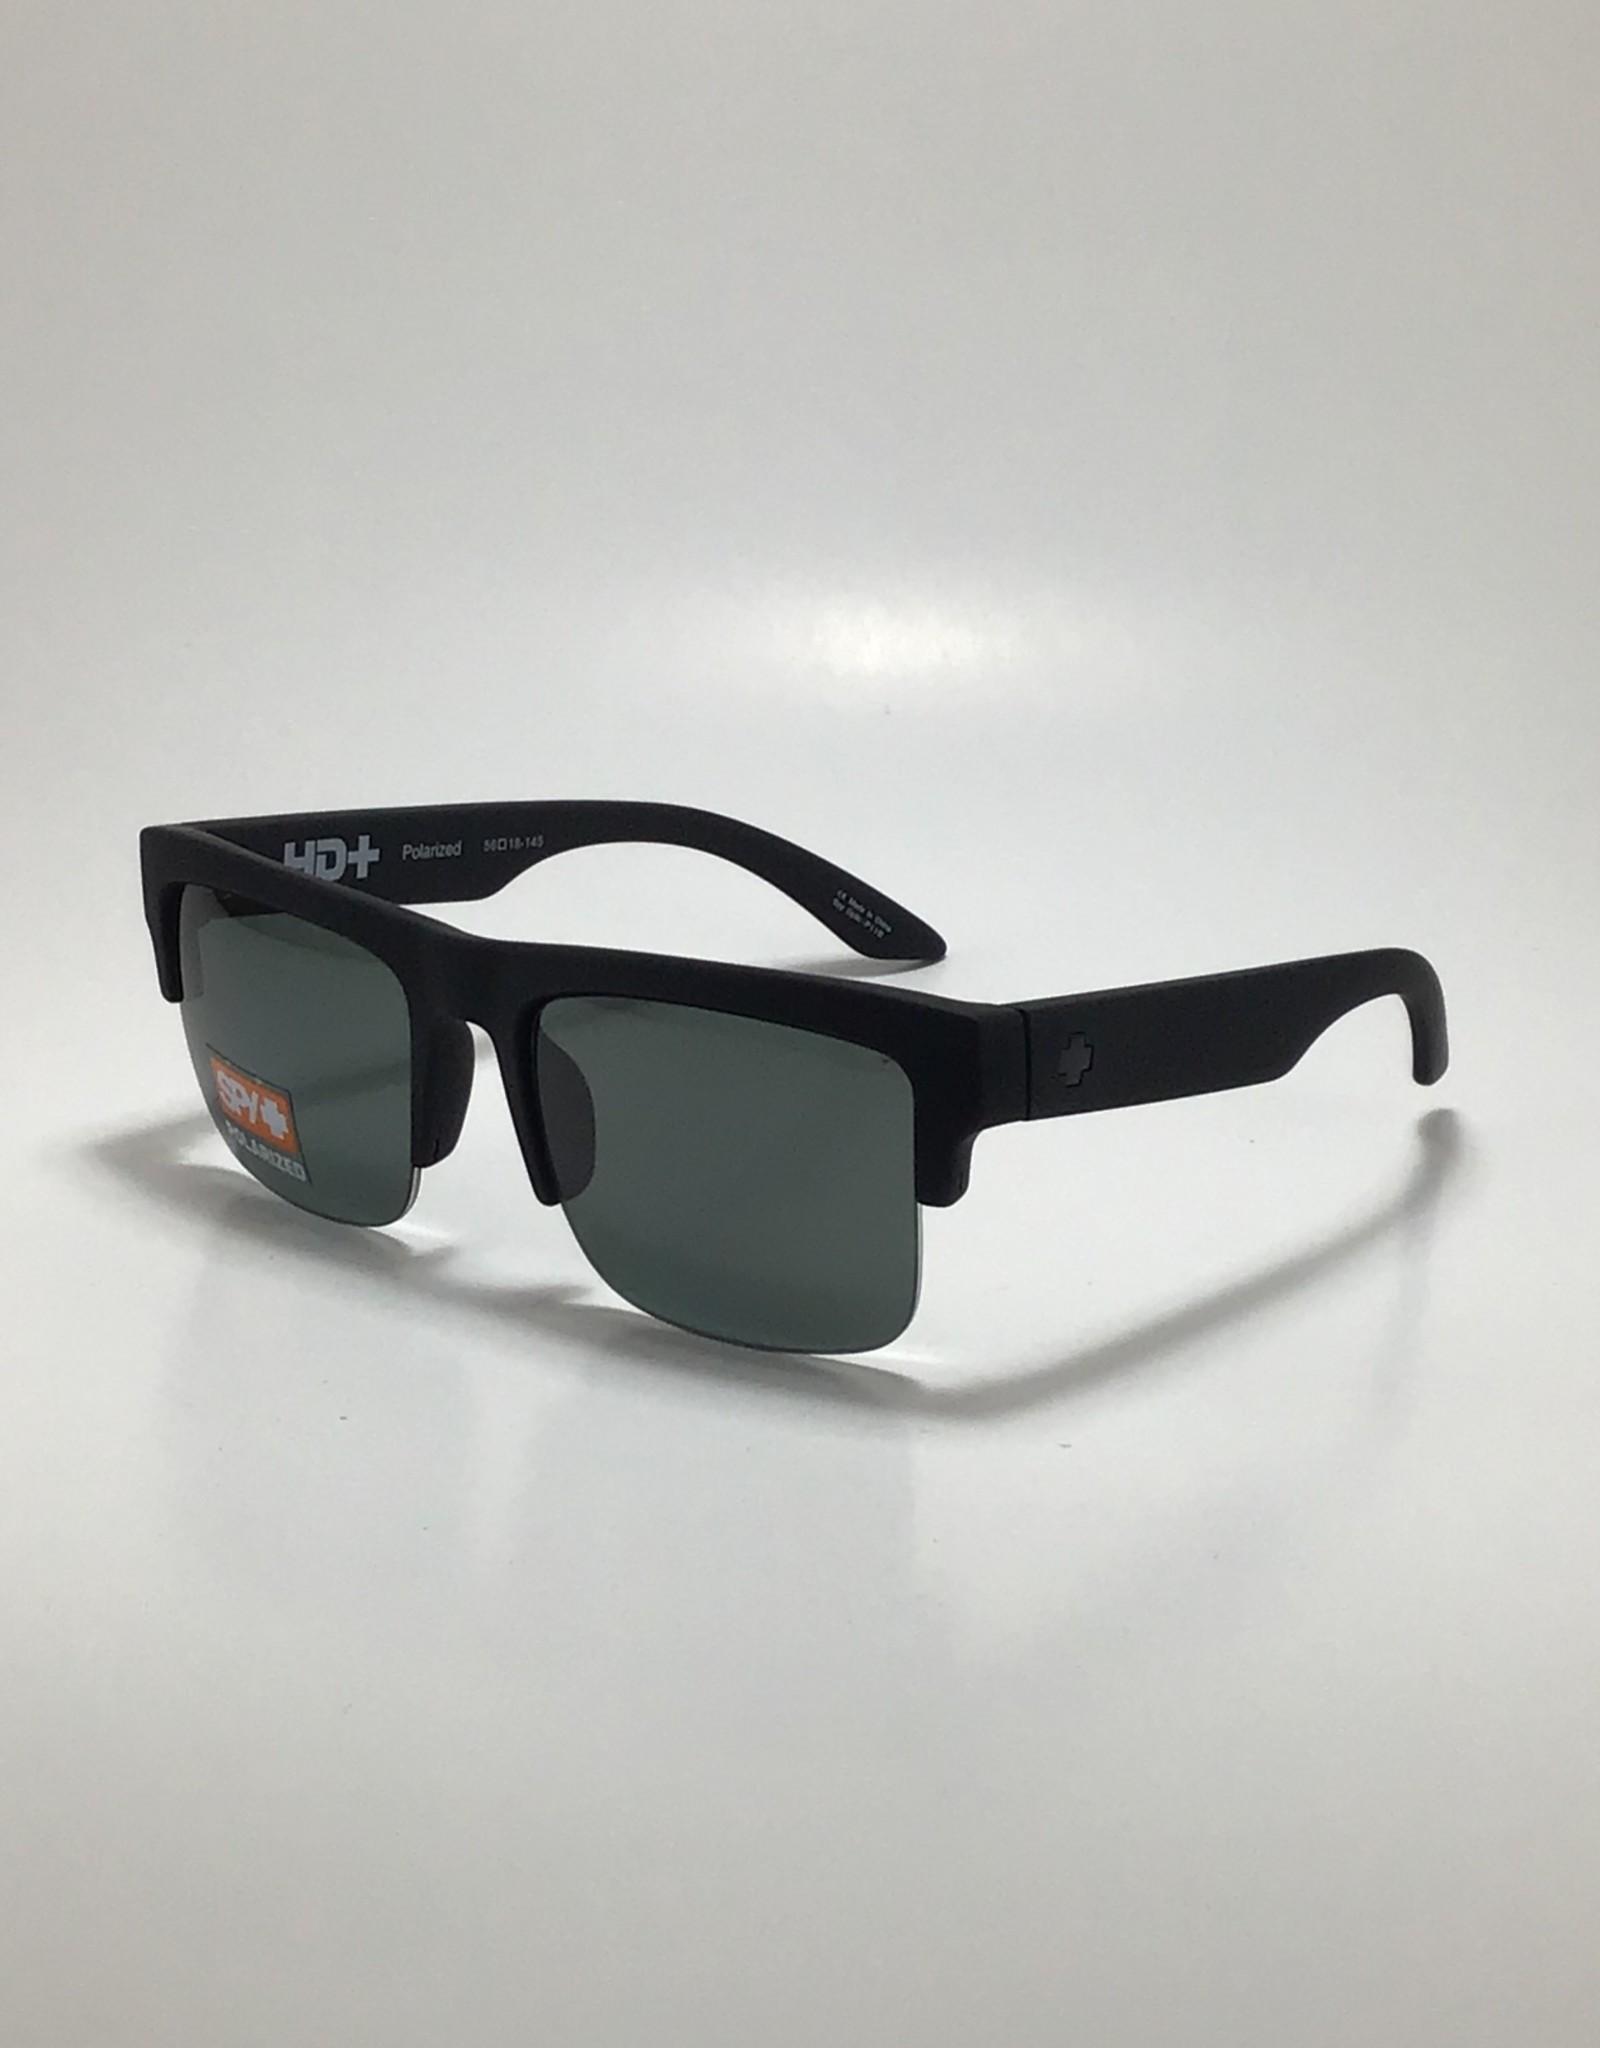 Spy Discord 5050 Soft Matte Black - HD Plus Gray Green Polar